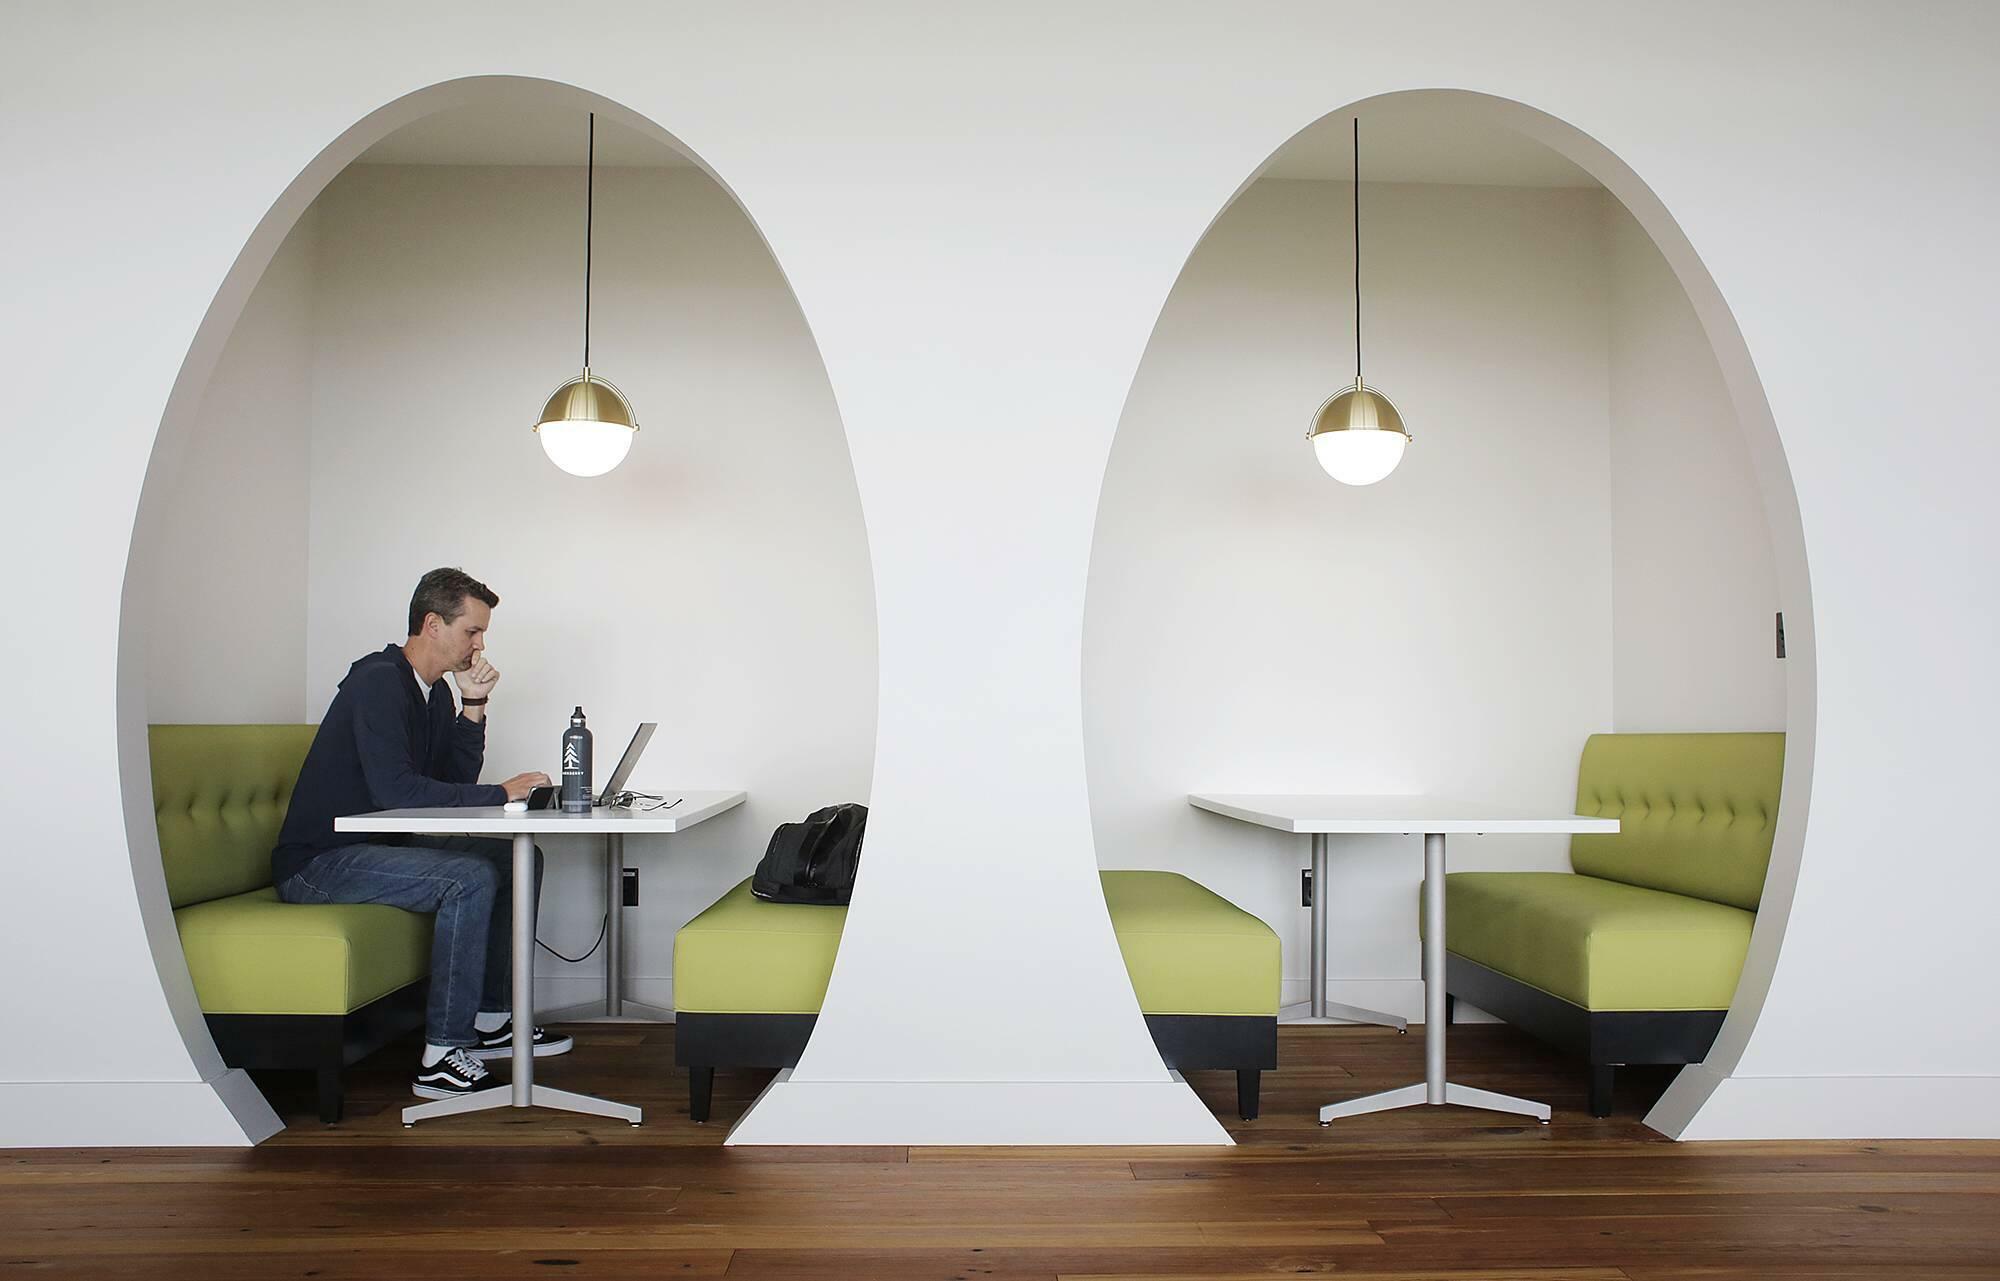 Schones Buro Warum Ein Angenehmer Arbeitsplatz So Wichtig Ist